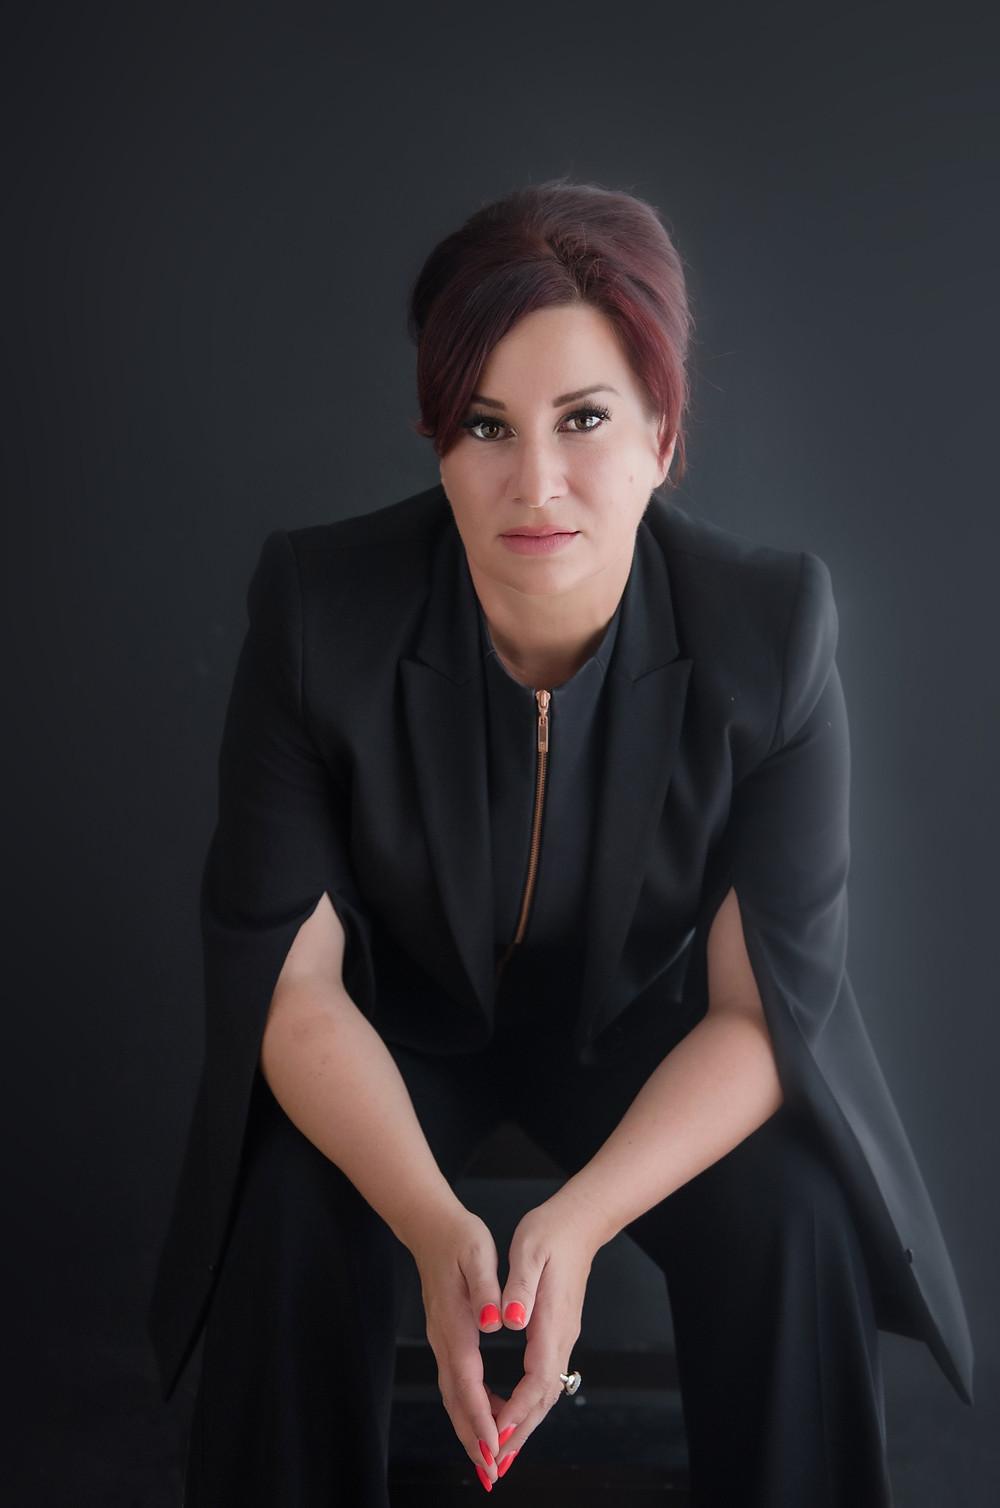 Stefanie Wilson, CEO of Luminair